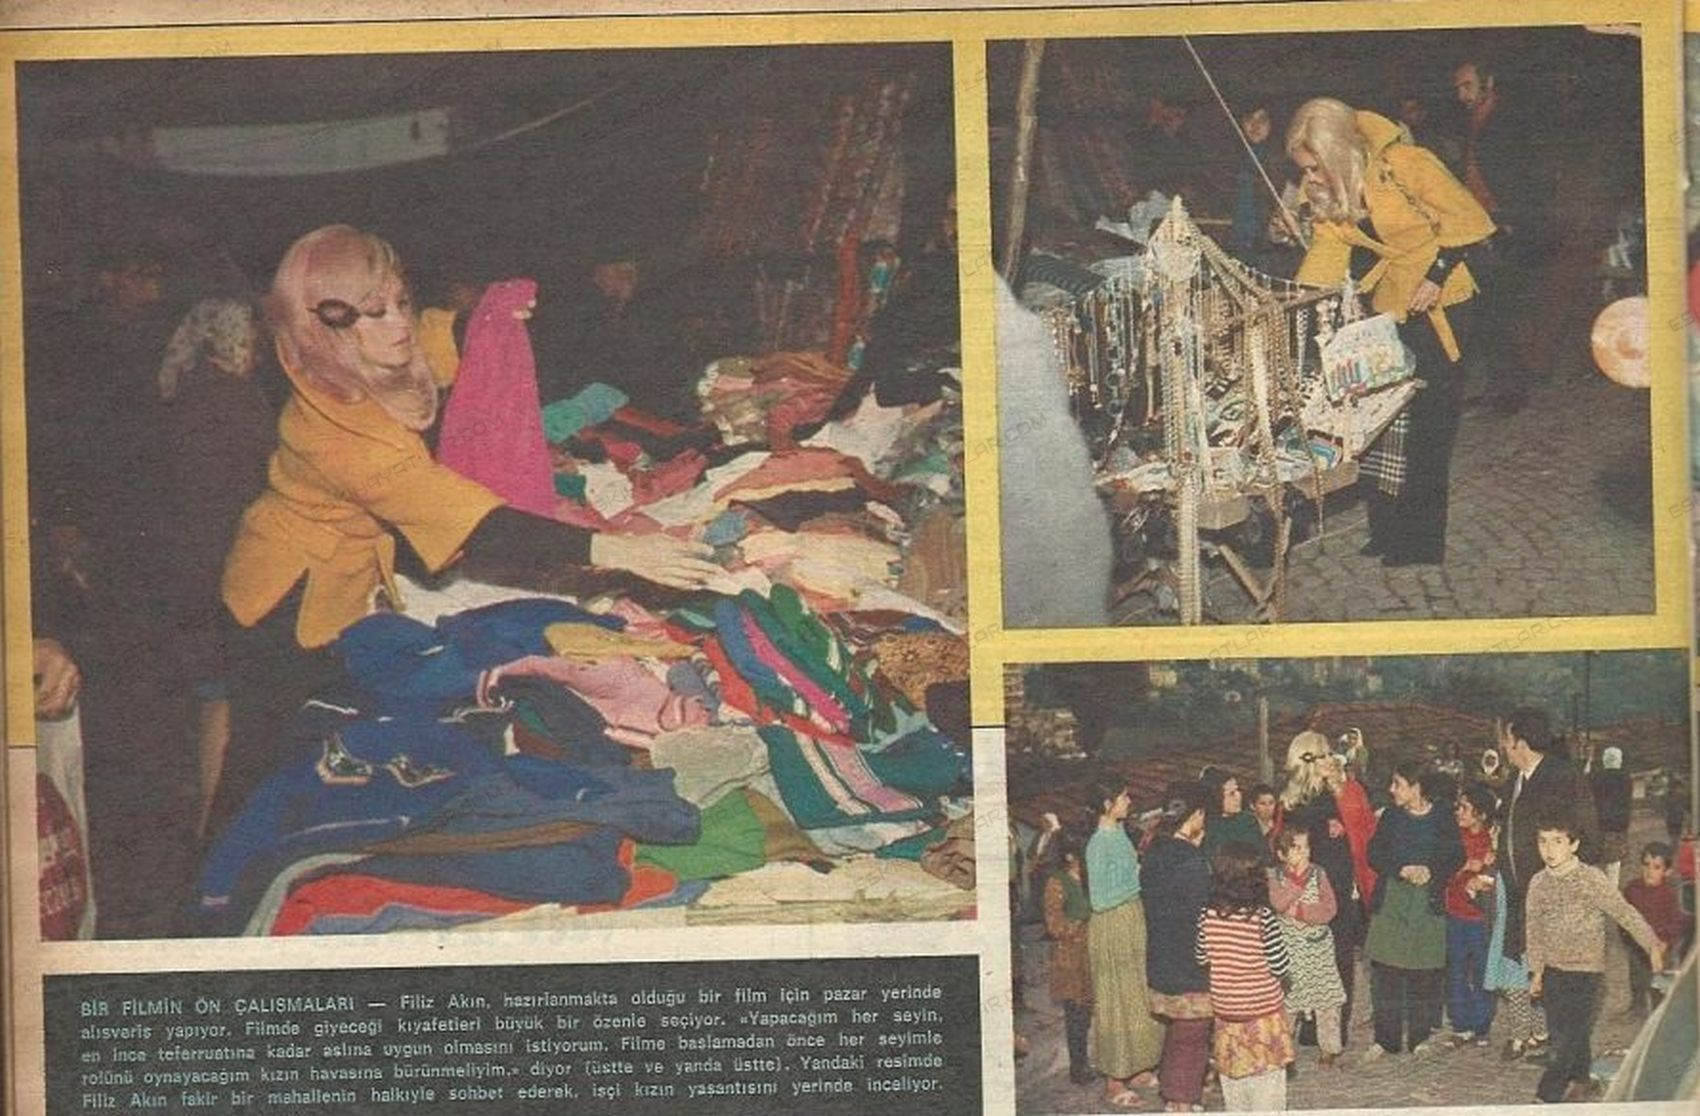 0247-filiz-akin-gencligi-1973-yilinda-degisen-turk-sinemasi-0